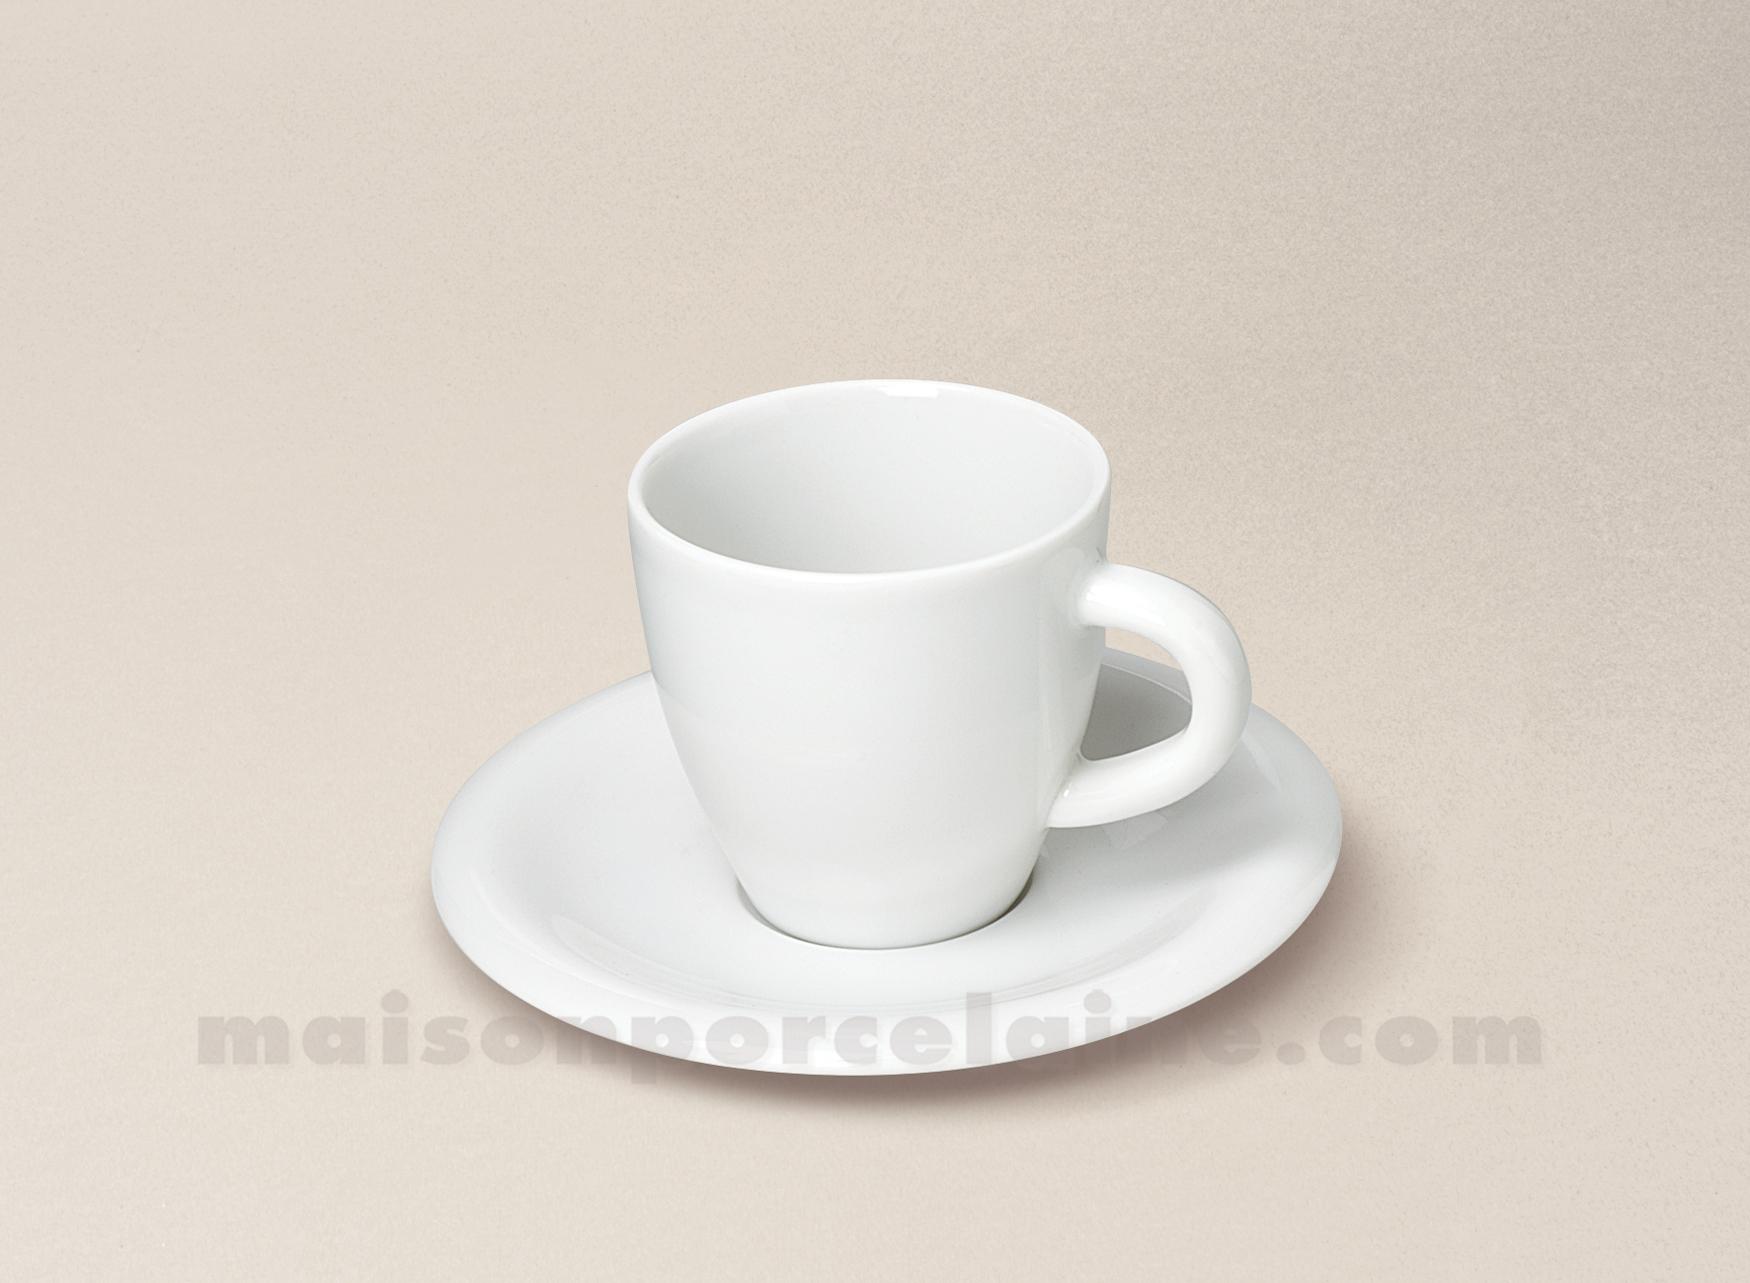 Tasse cafe soucoupe porcelaine blanche ronda 10cl maison for Maison de la porcelaine